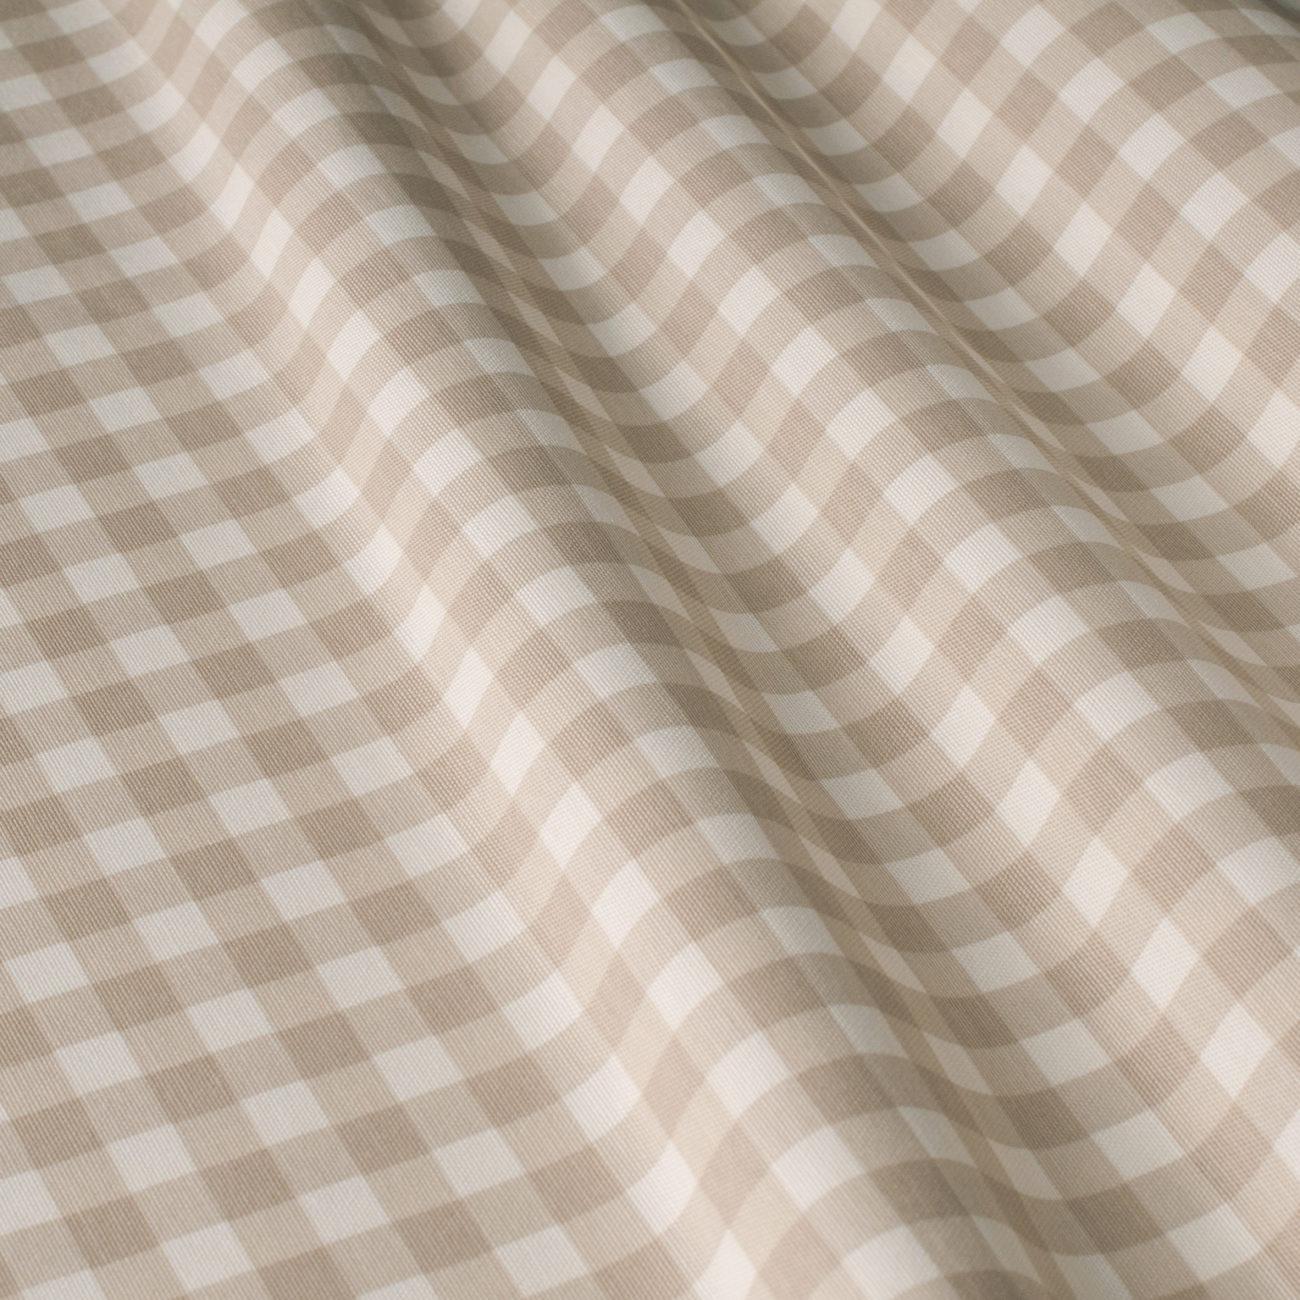 Mantel ⬛ BISTROTBEIGE ·1,5x1,5m· [porconfeccionar] [listoen5·7días]